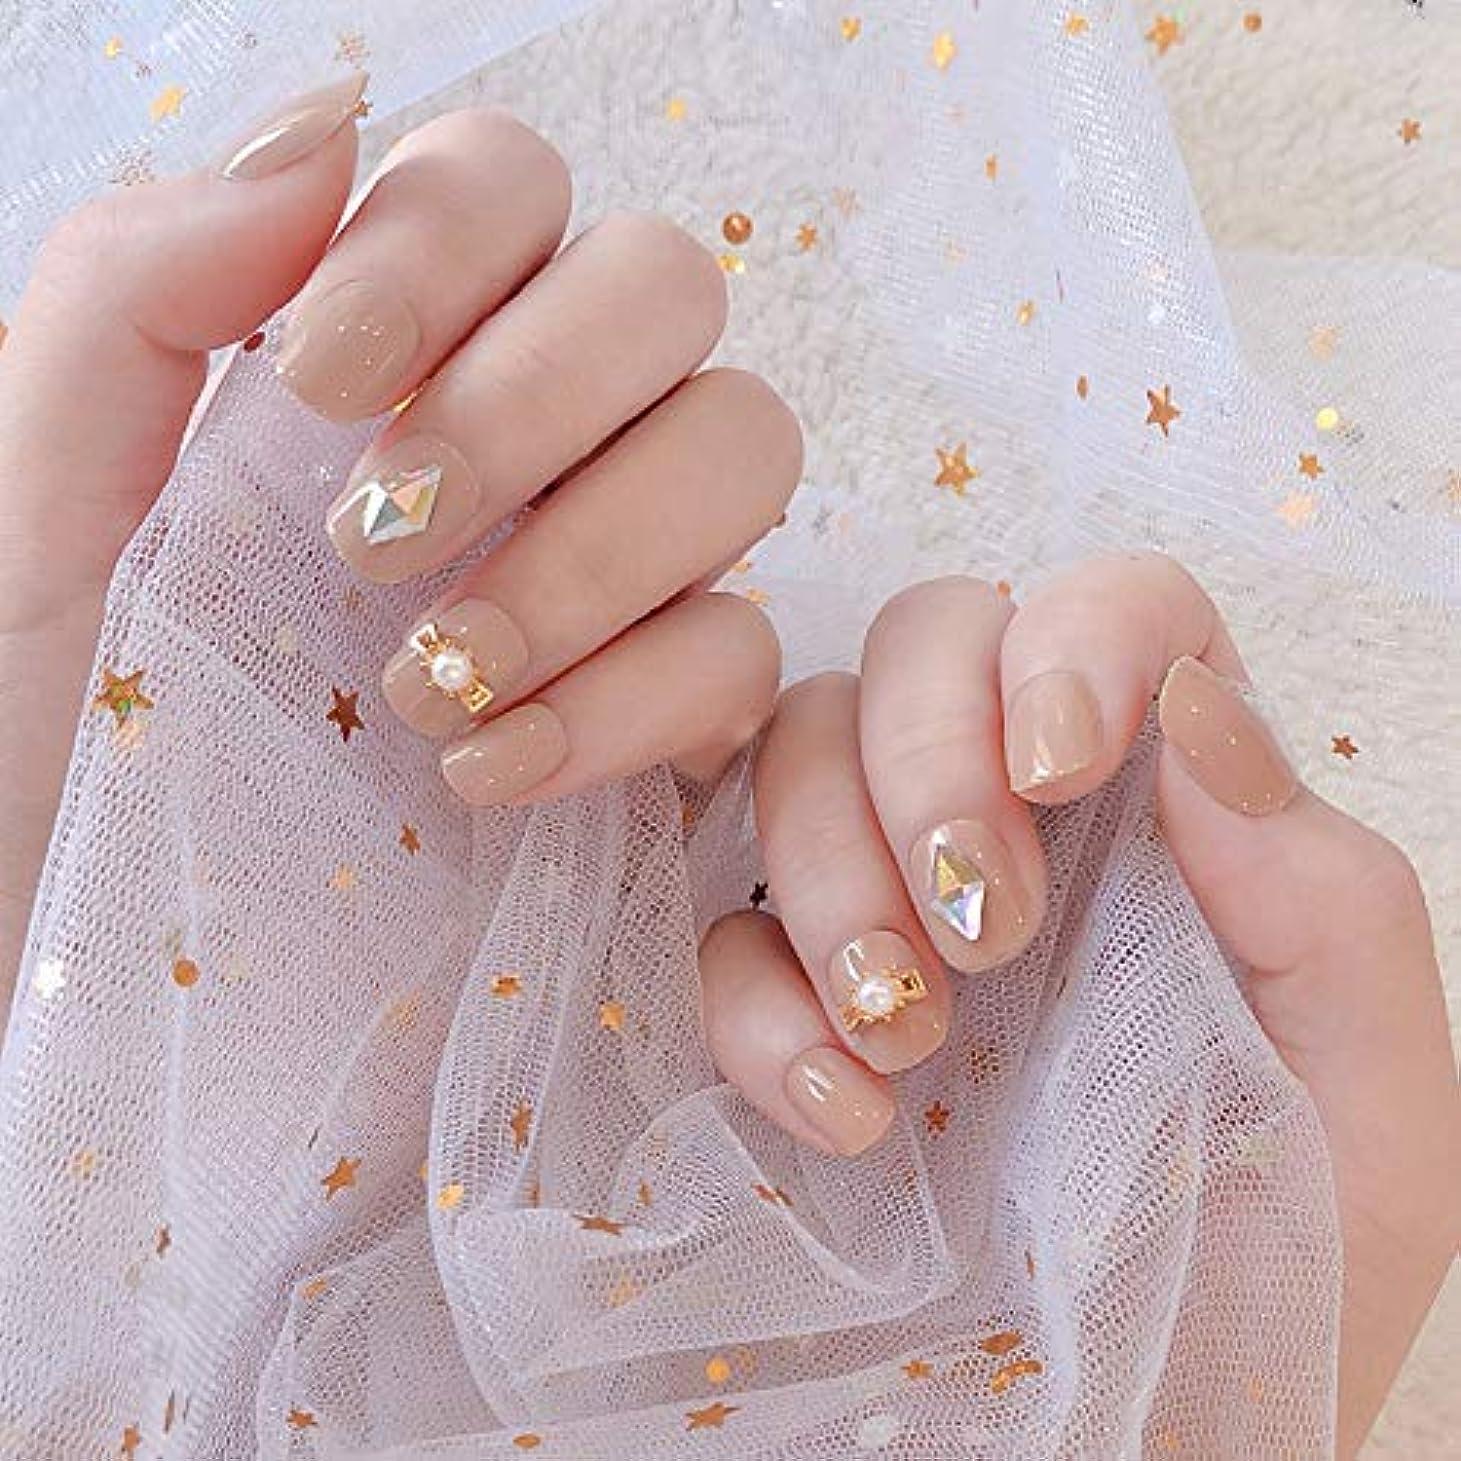 ピアノを弾くスチュアート島キャンバスXUTXZKA 光沢のあるダイヤモンド花嫁ネイルアートグリッド花ネイルステッカーショートフルカバー偽の爪